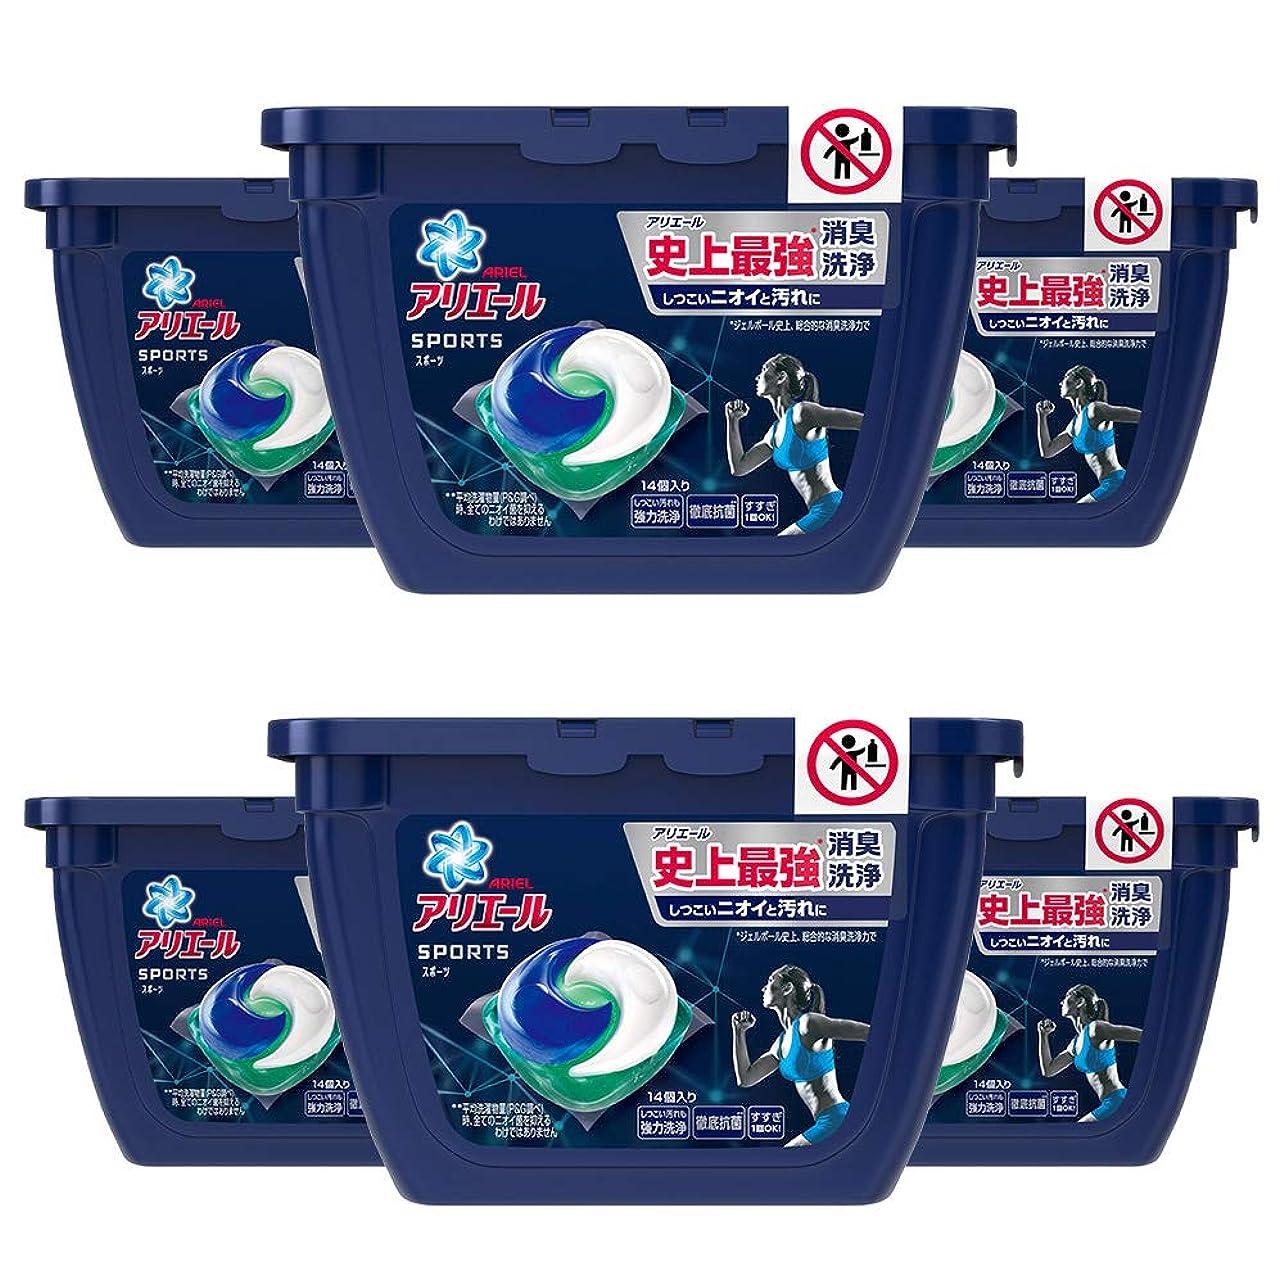 下品論争ドット洗濯洗剤 ジェルボール3D スポーツ アリエール 本体 14個×6個